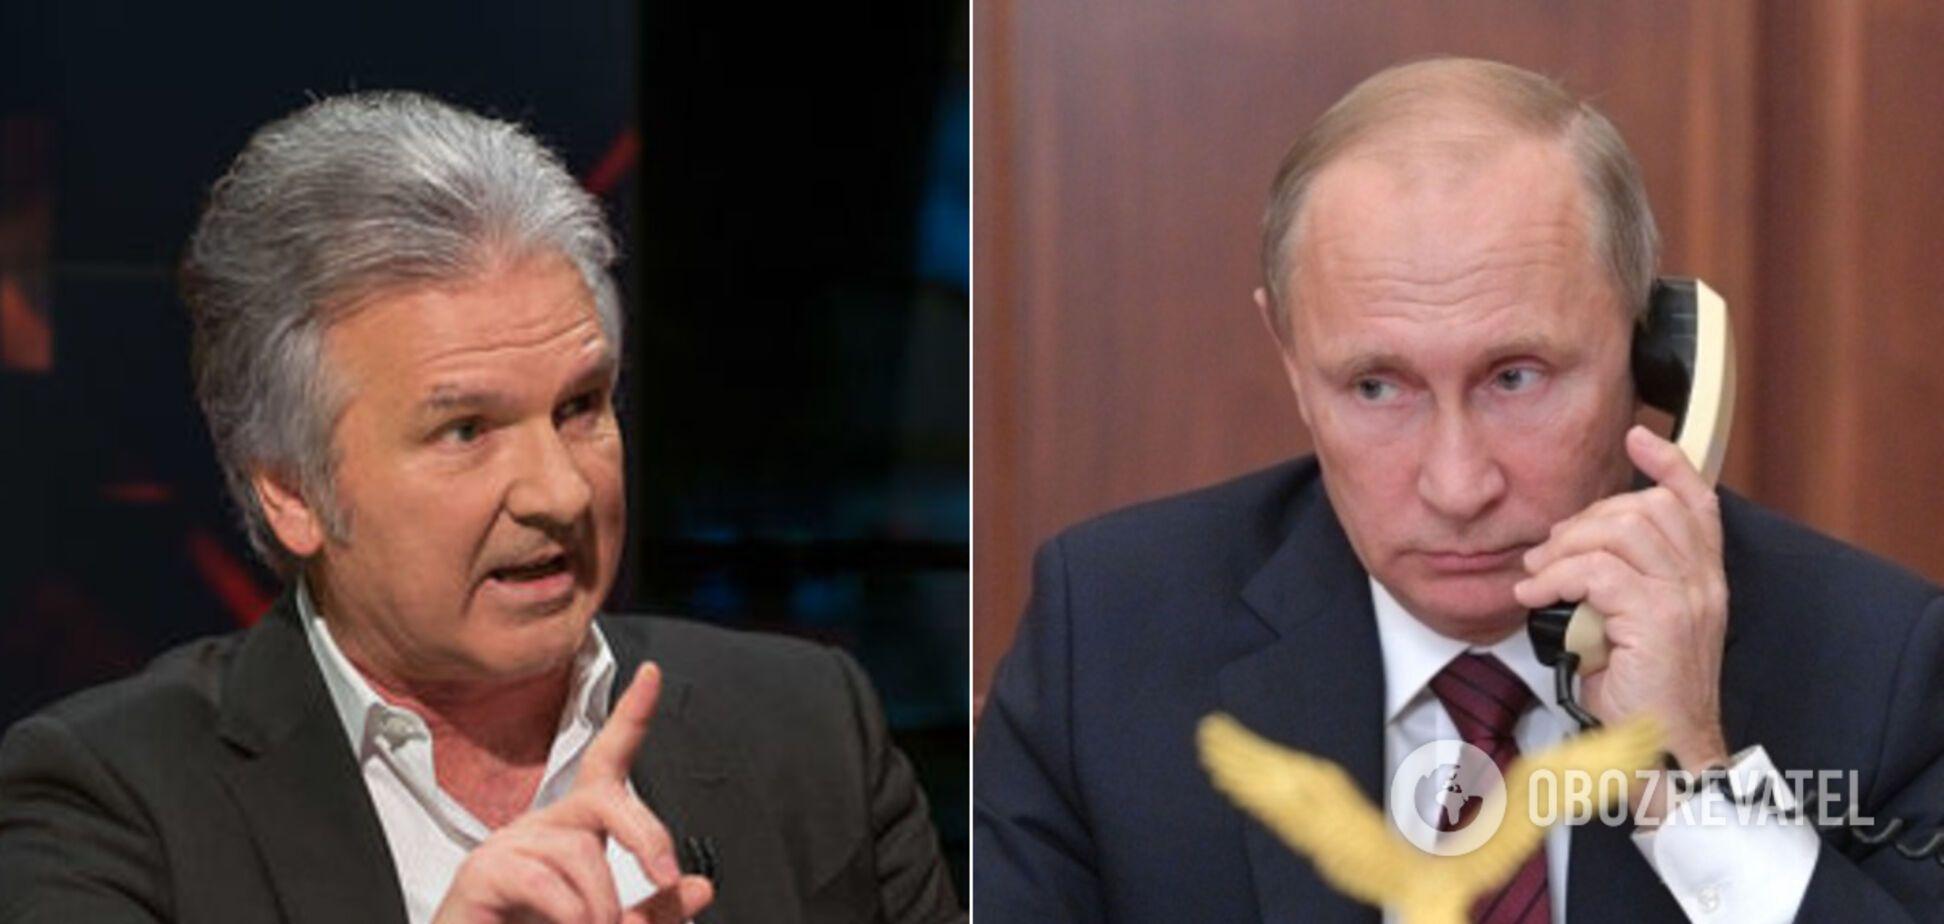 Якщо Путін піде: у Росії спрогнозували варіанти зміни влади